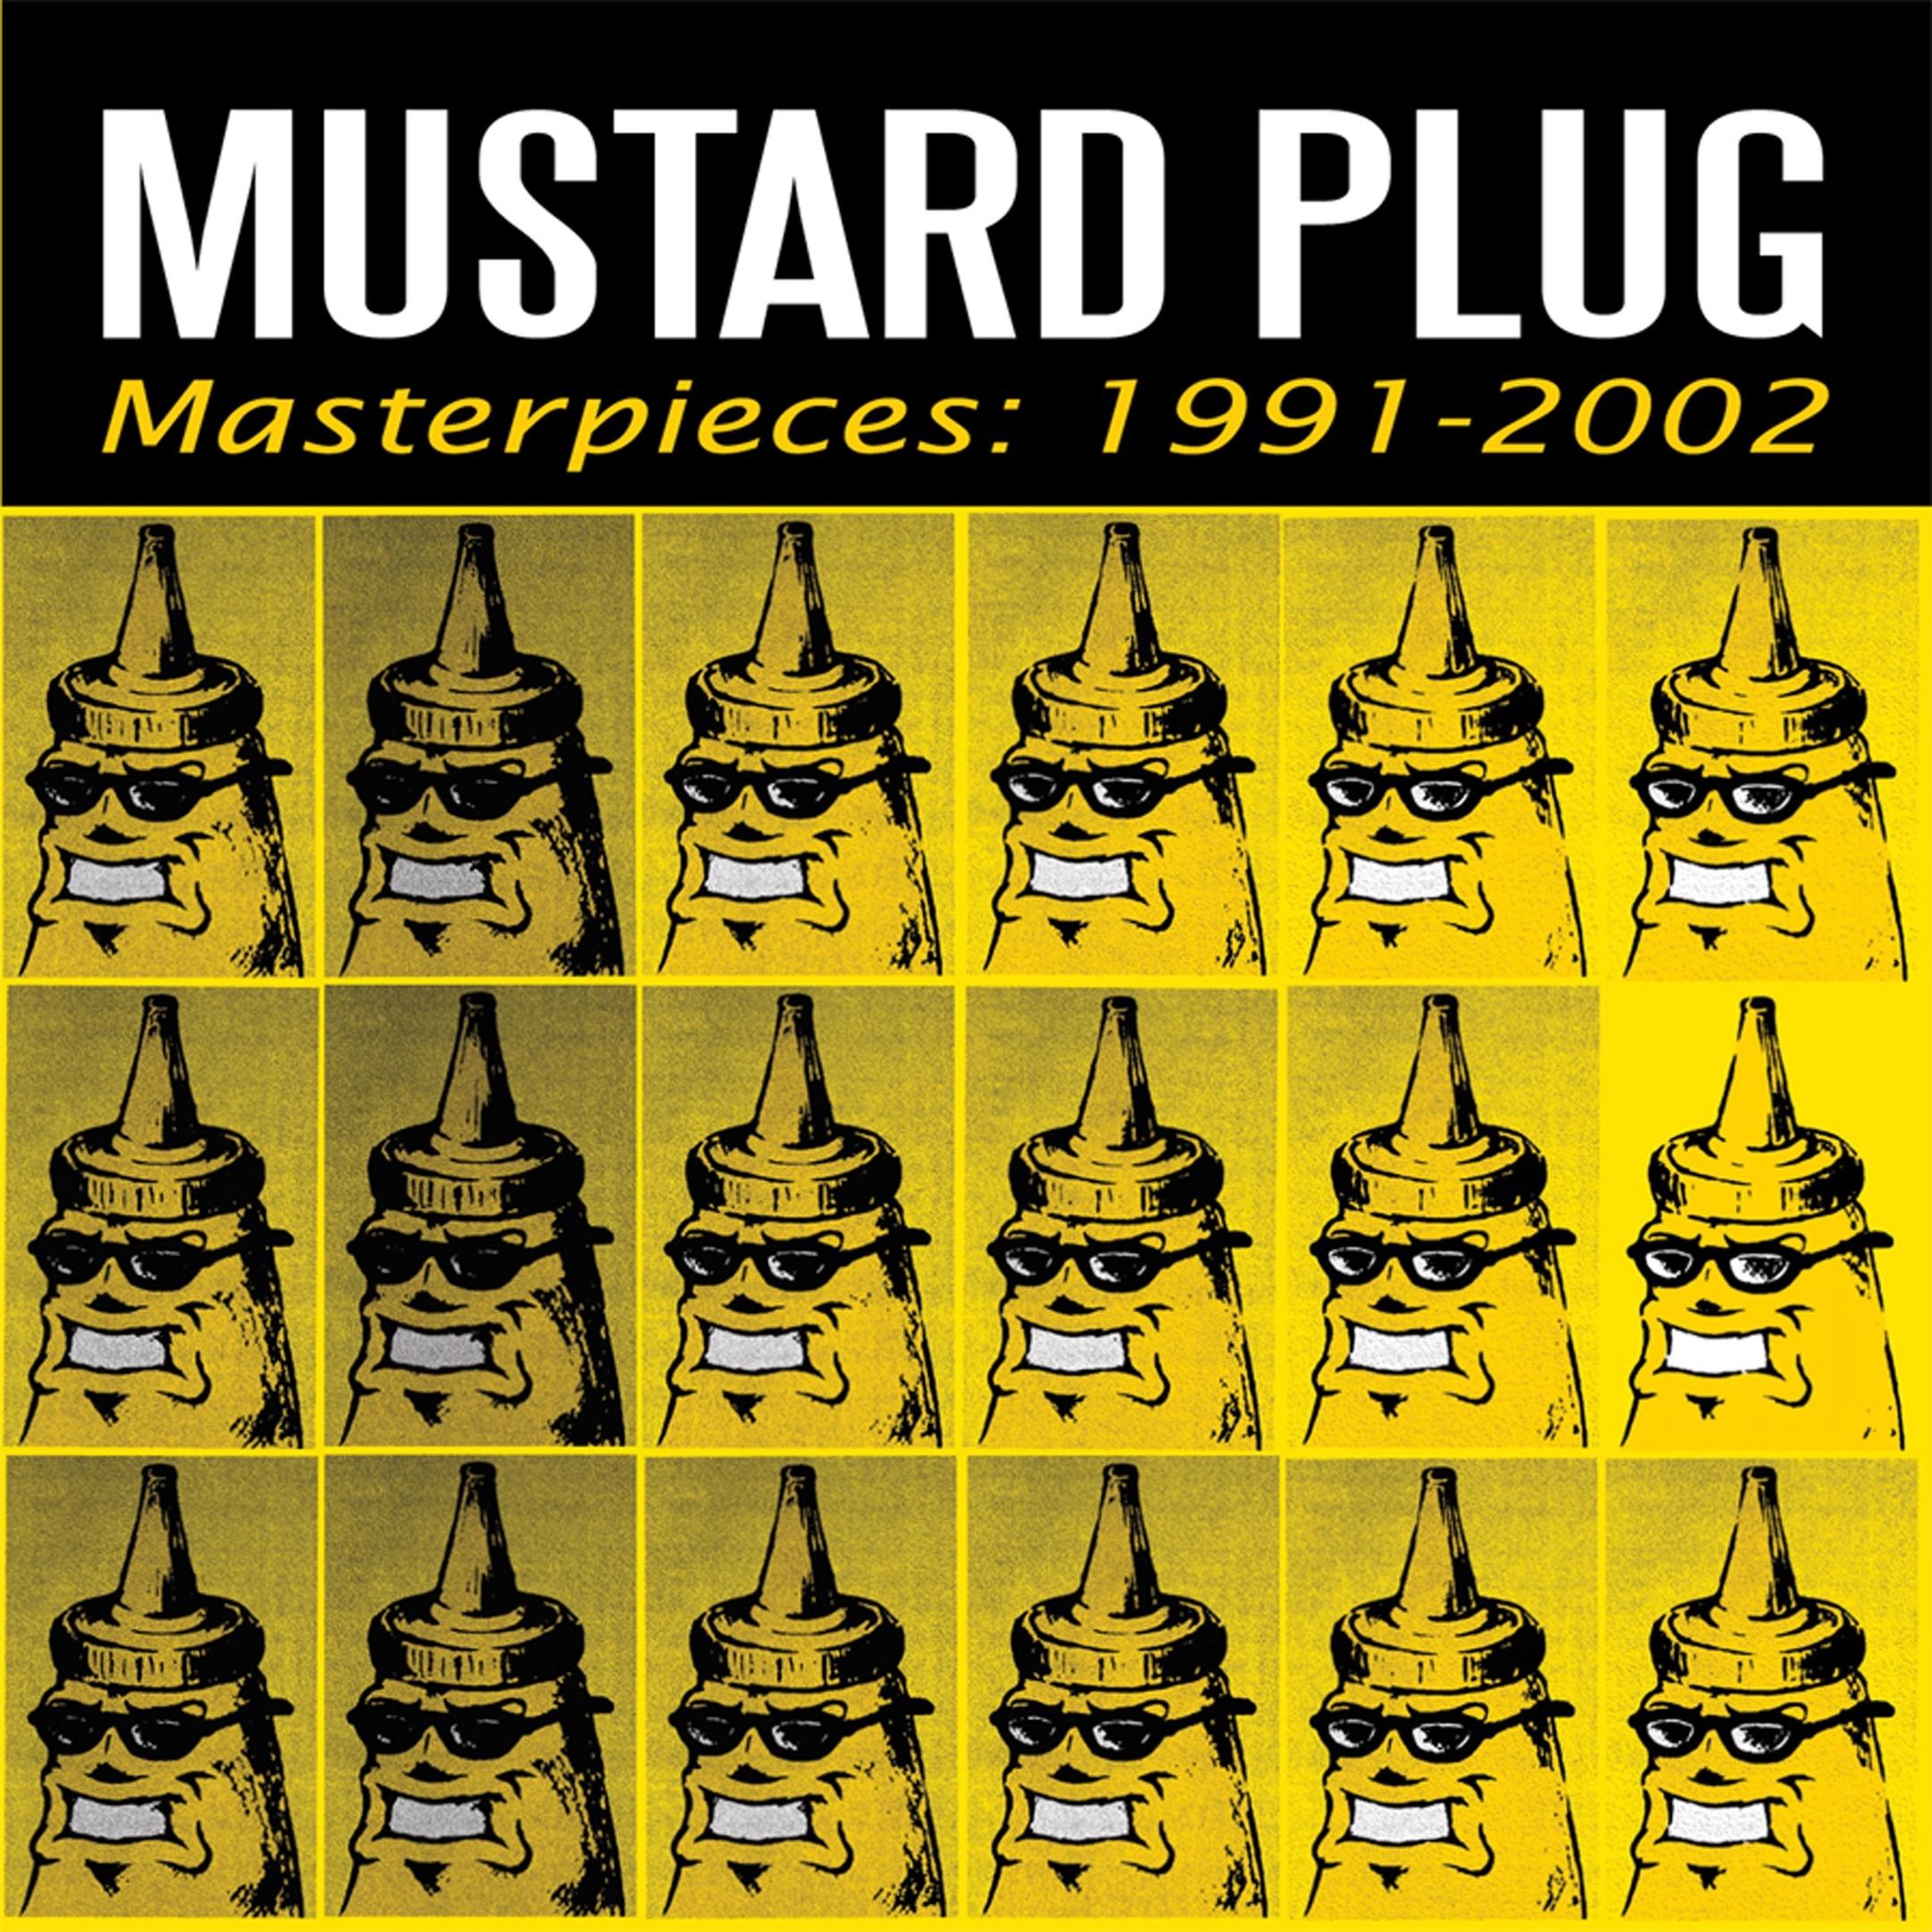 Mustard Plug album Masterpieces 1991-2002